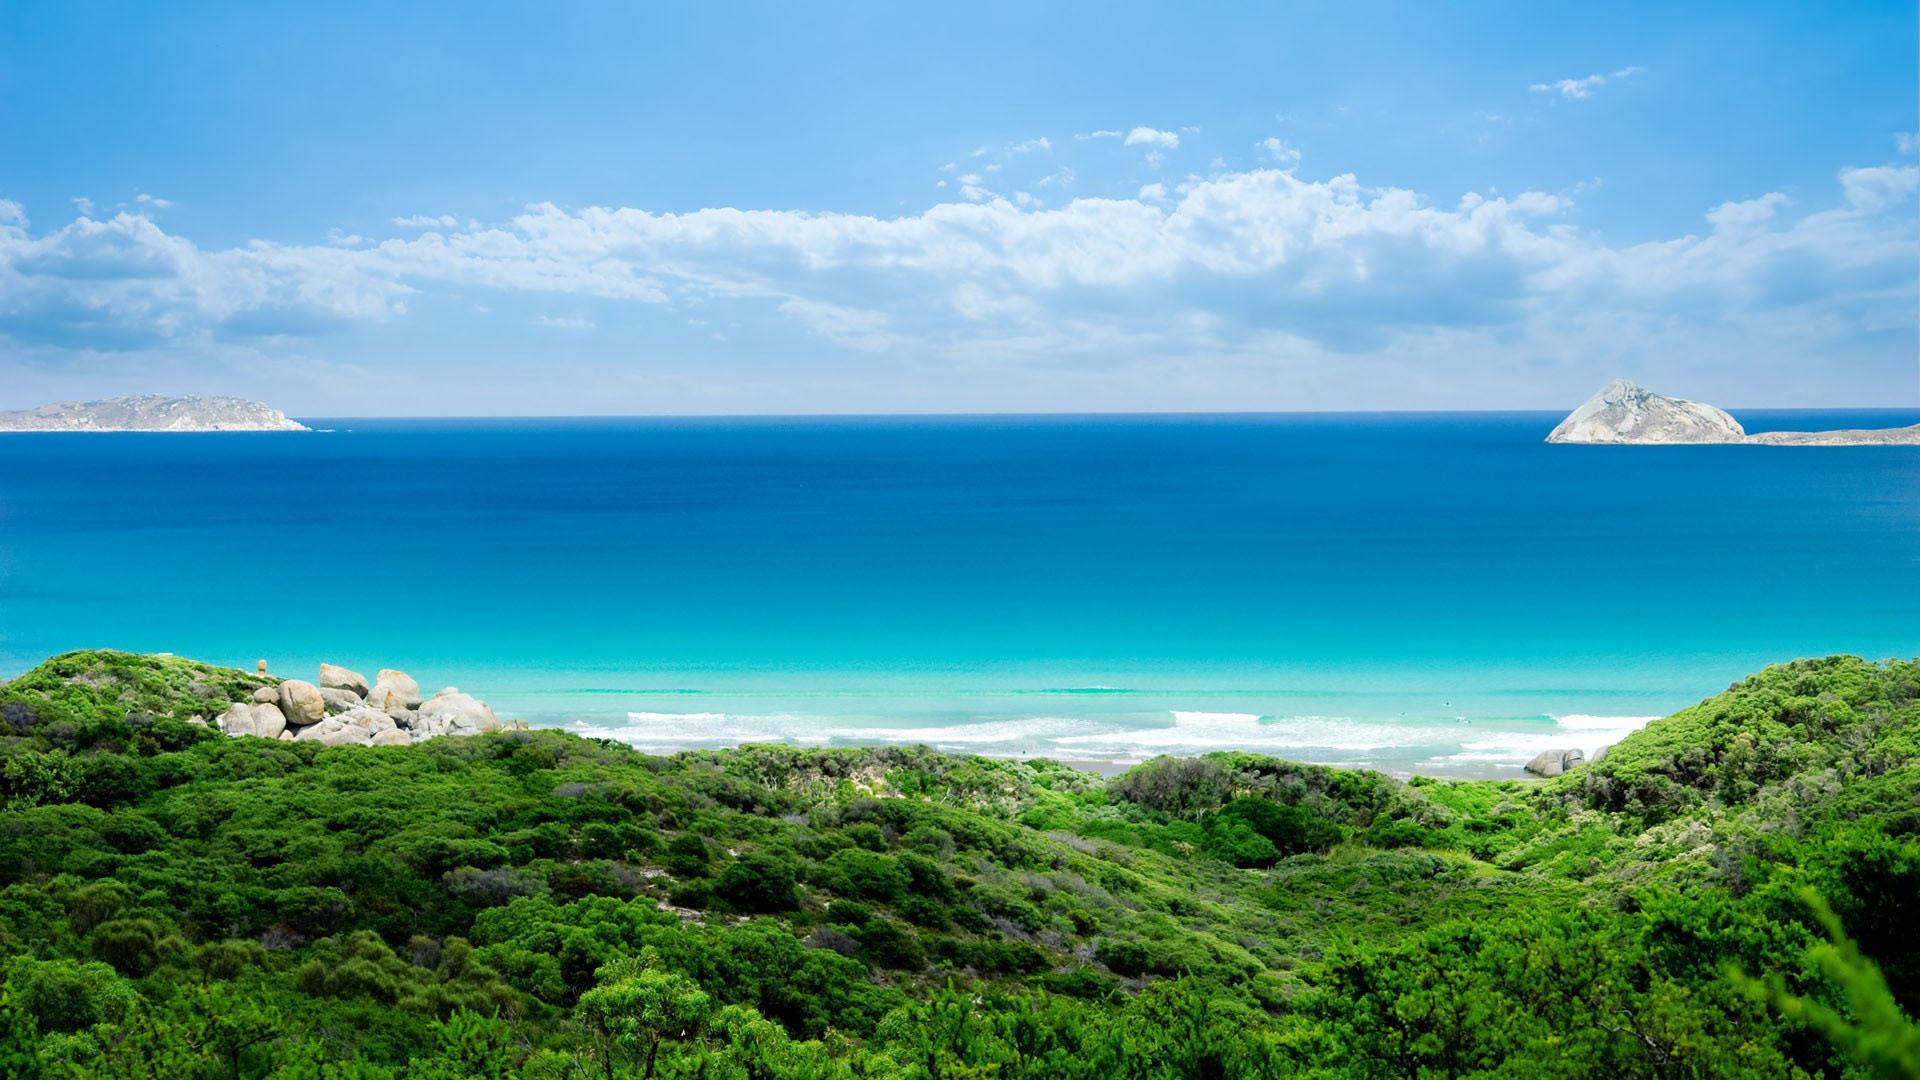 美丽自然风景摄影图片高清壁纸